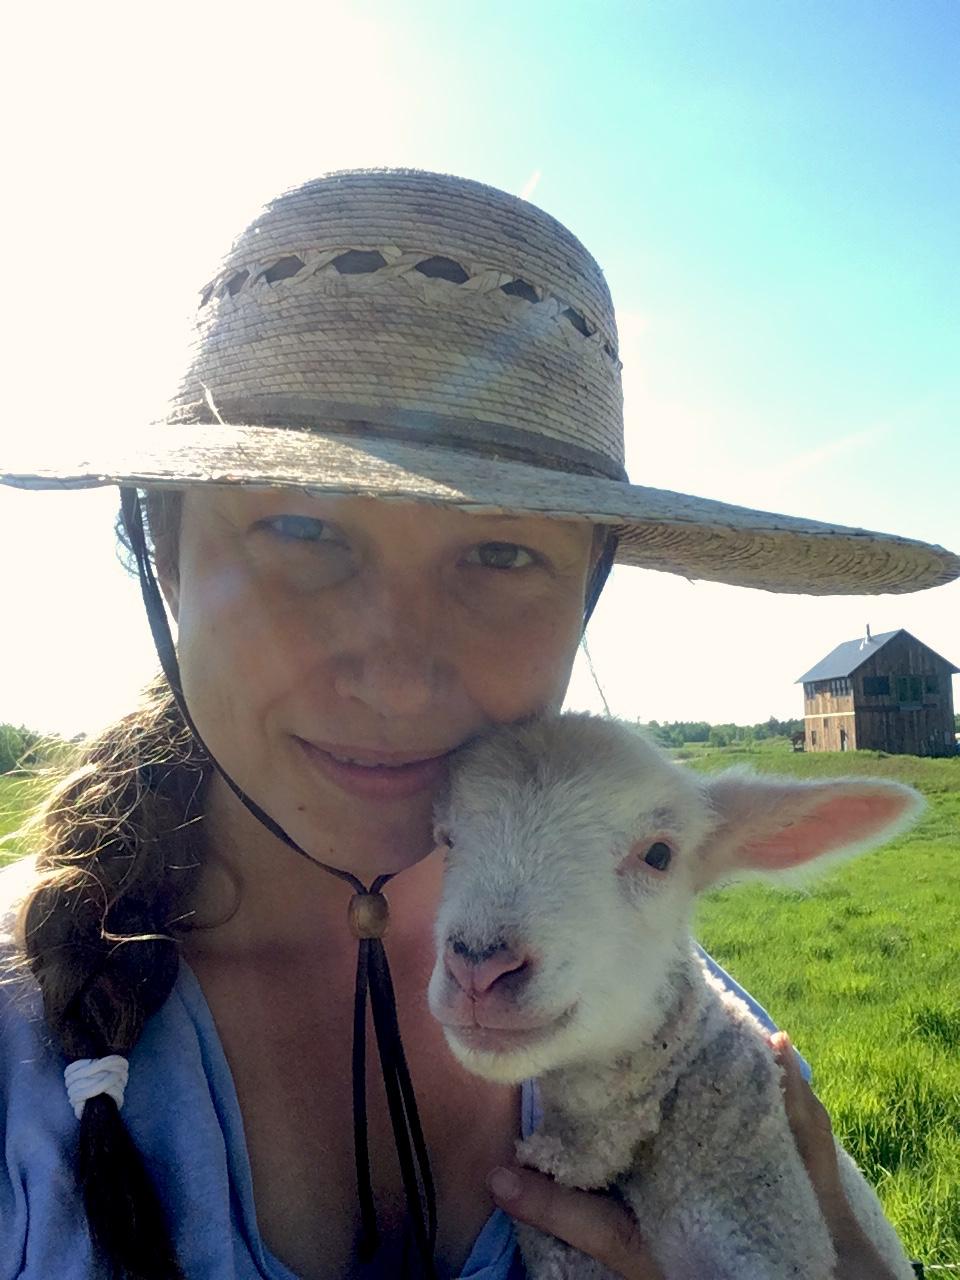 sheep - HB and lamb.JPG